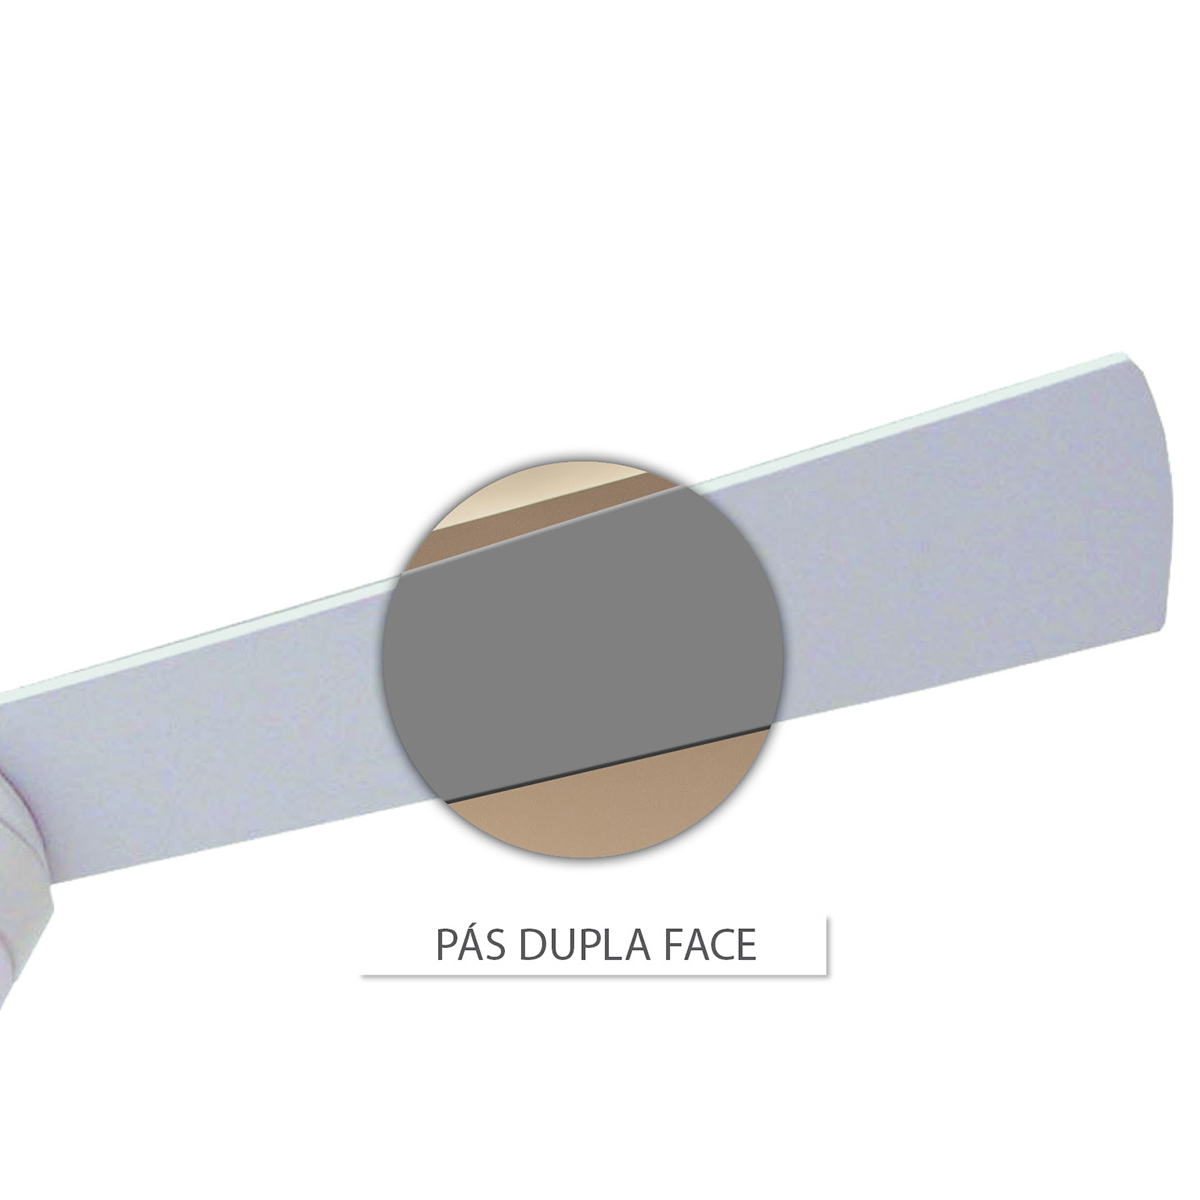 Ventilador Hl-60 Cont. Parede 1 Lamp. E-27 3 Pas Rev. (Branco / Cinza) Branco